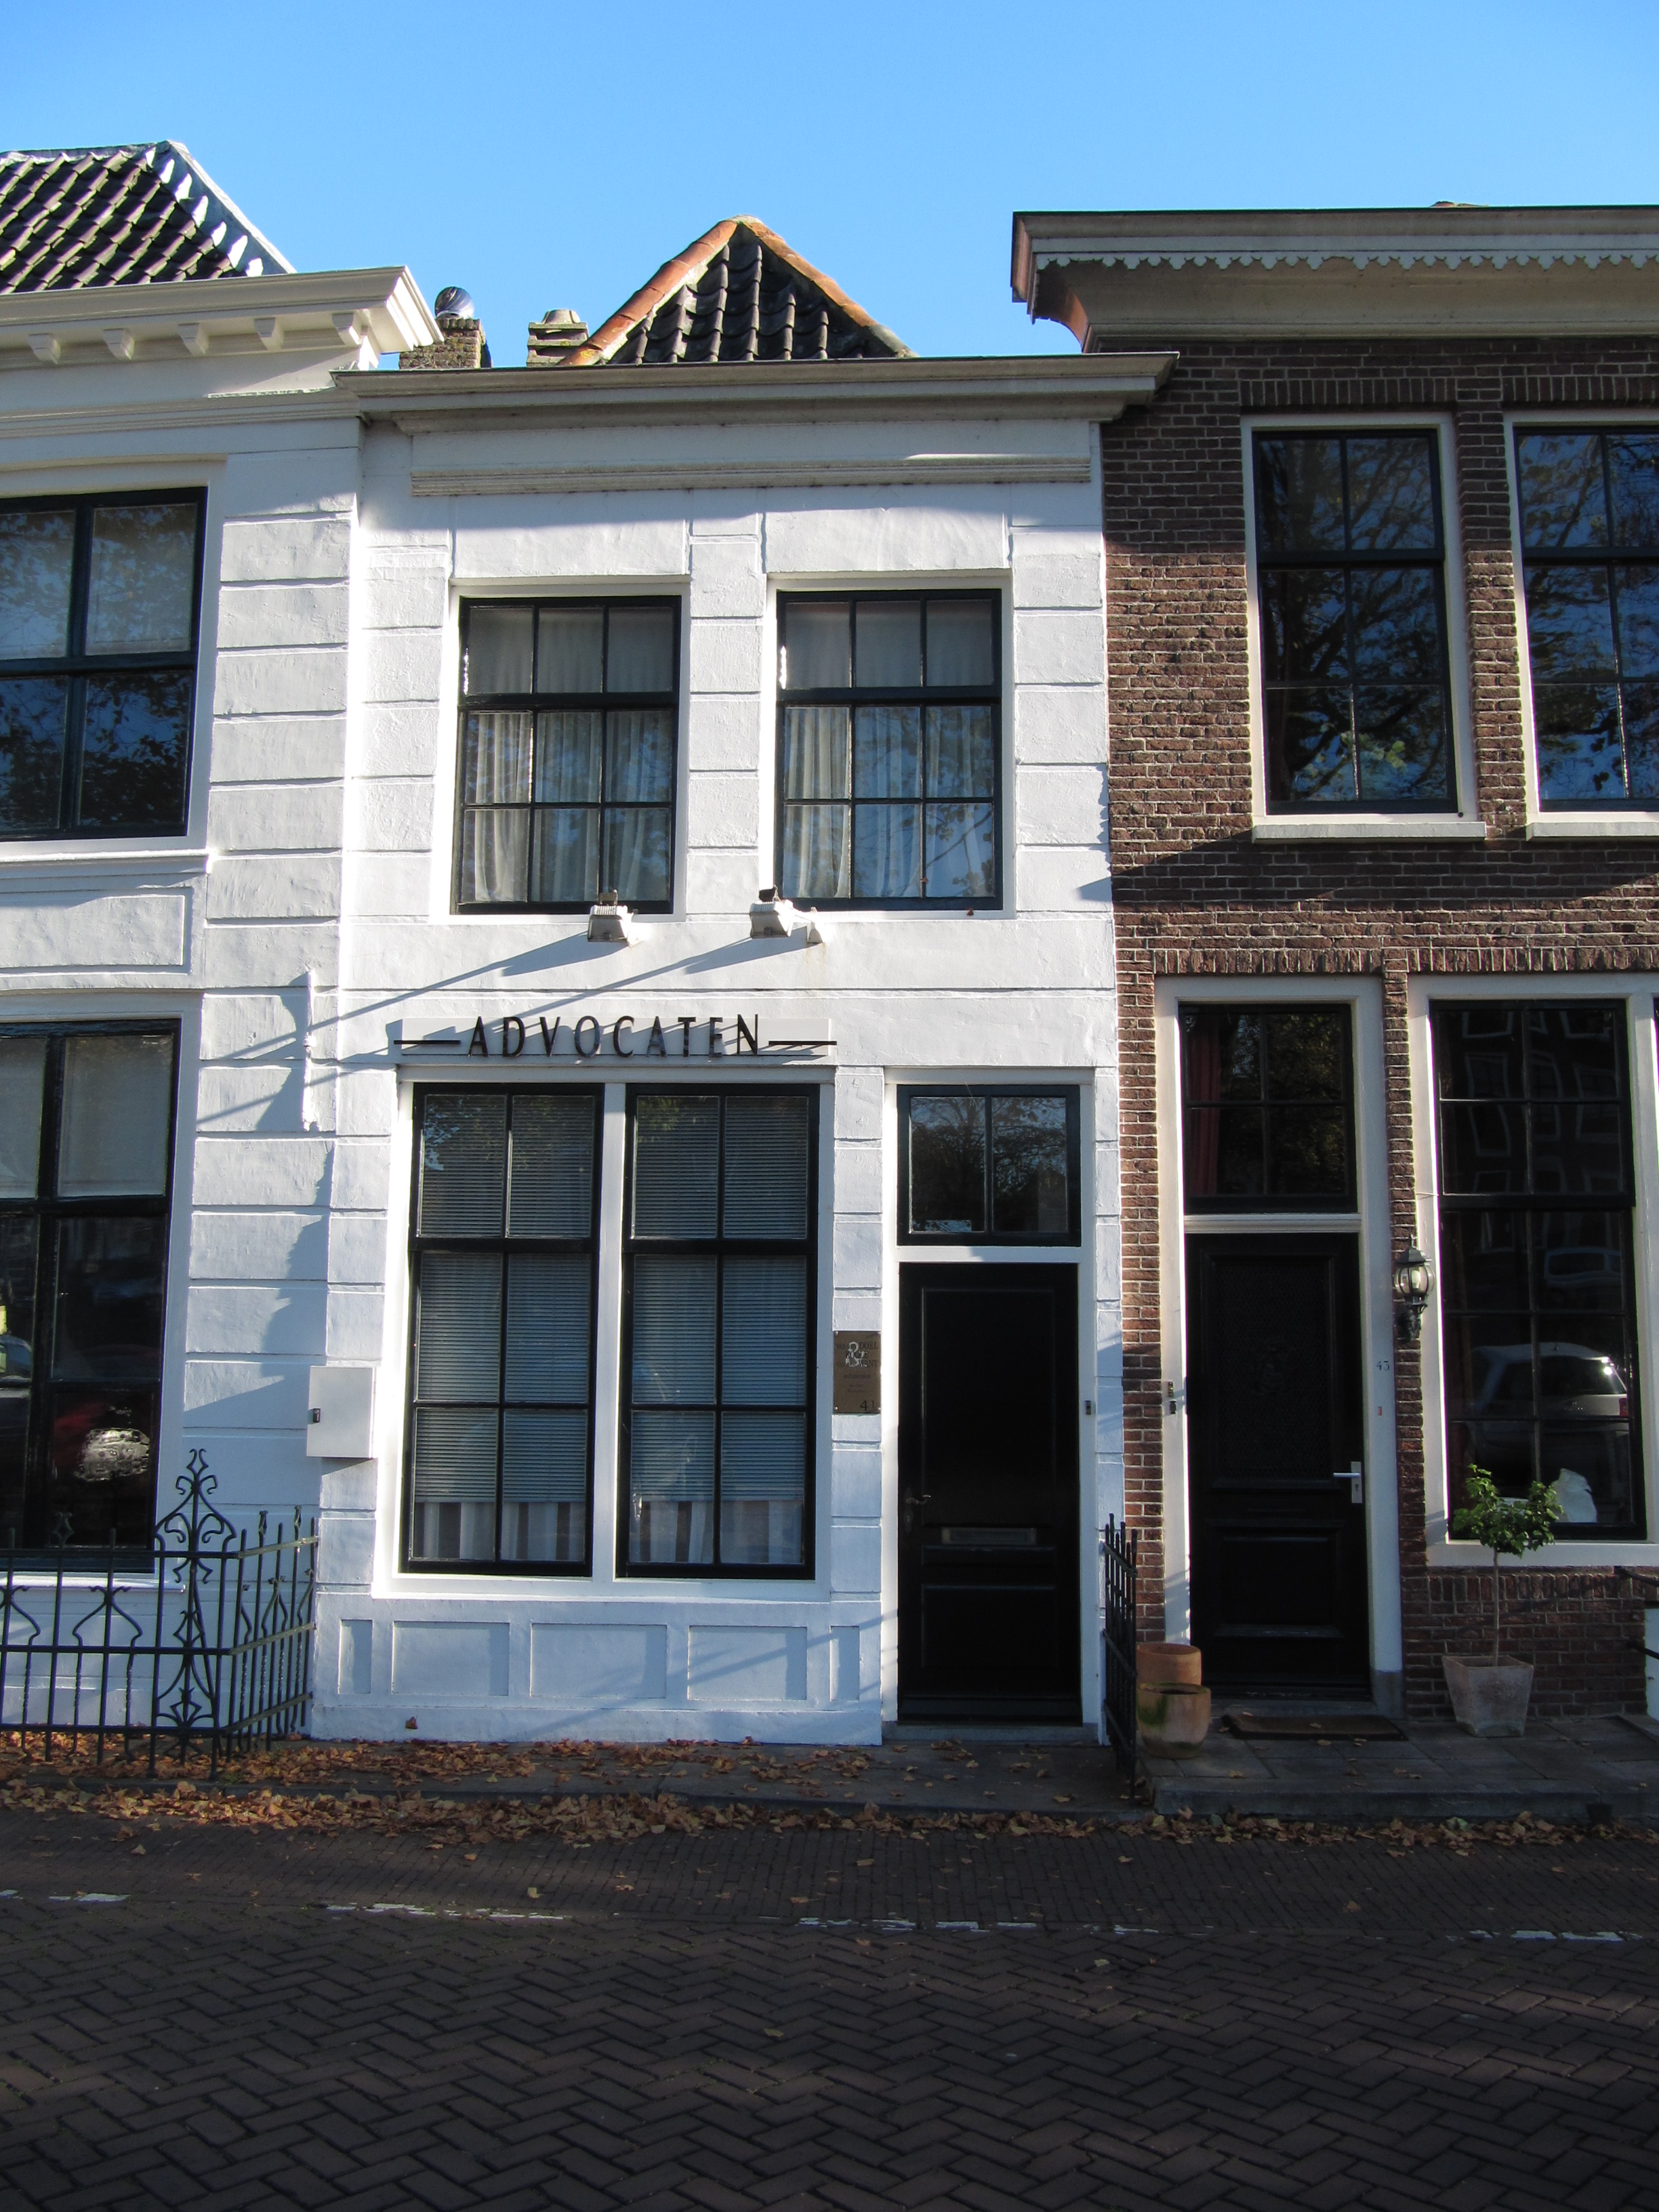 Huis met gepleisterde gevel in zierikzee monument - Oude huis gevel ...